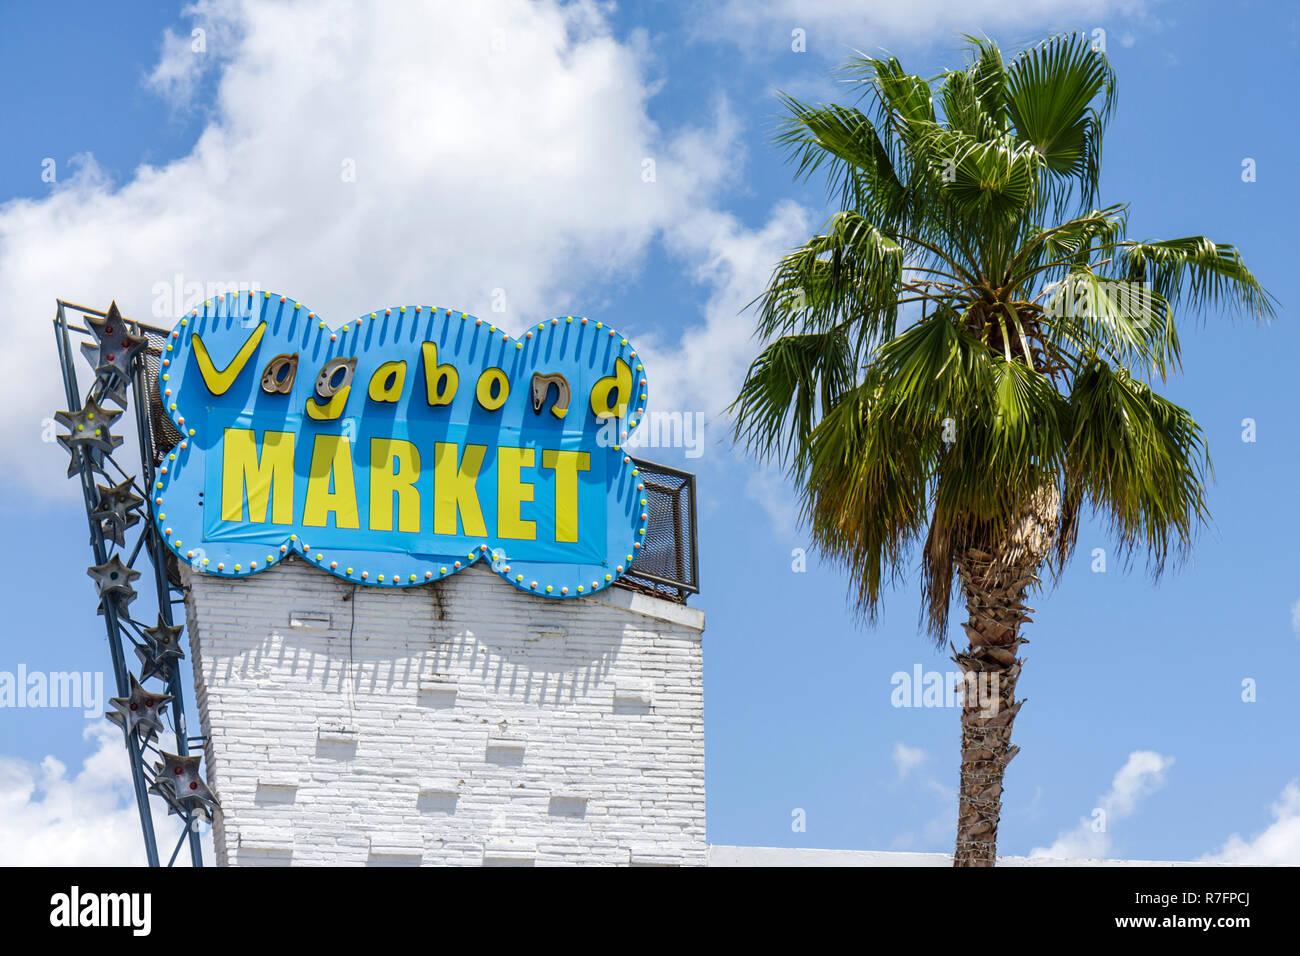 Floride, FL, Sud, Miami, quartier historique de Biscayne Boulevard, Miami Modern Architecture, préservation historique, Vagabond Motel, hôtel lodgin Banque D'Images